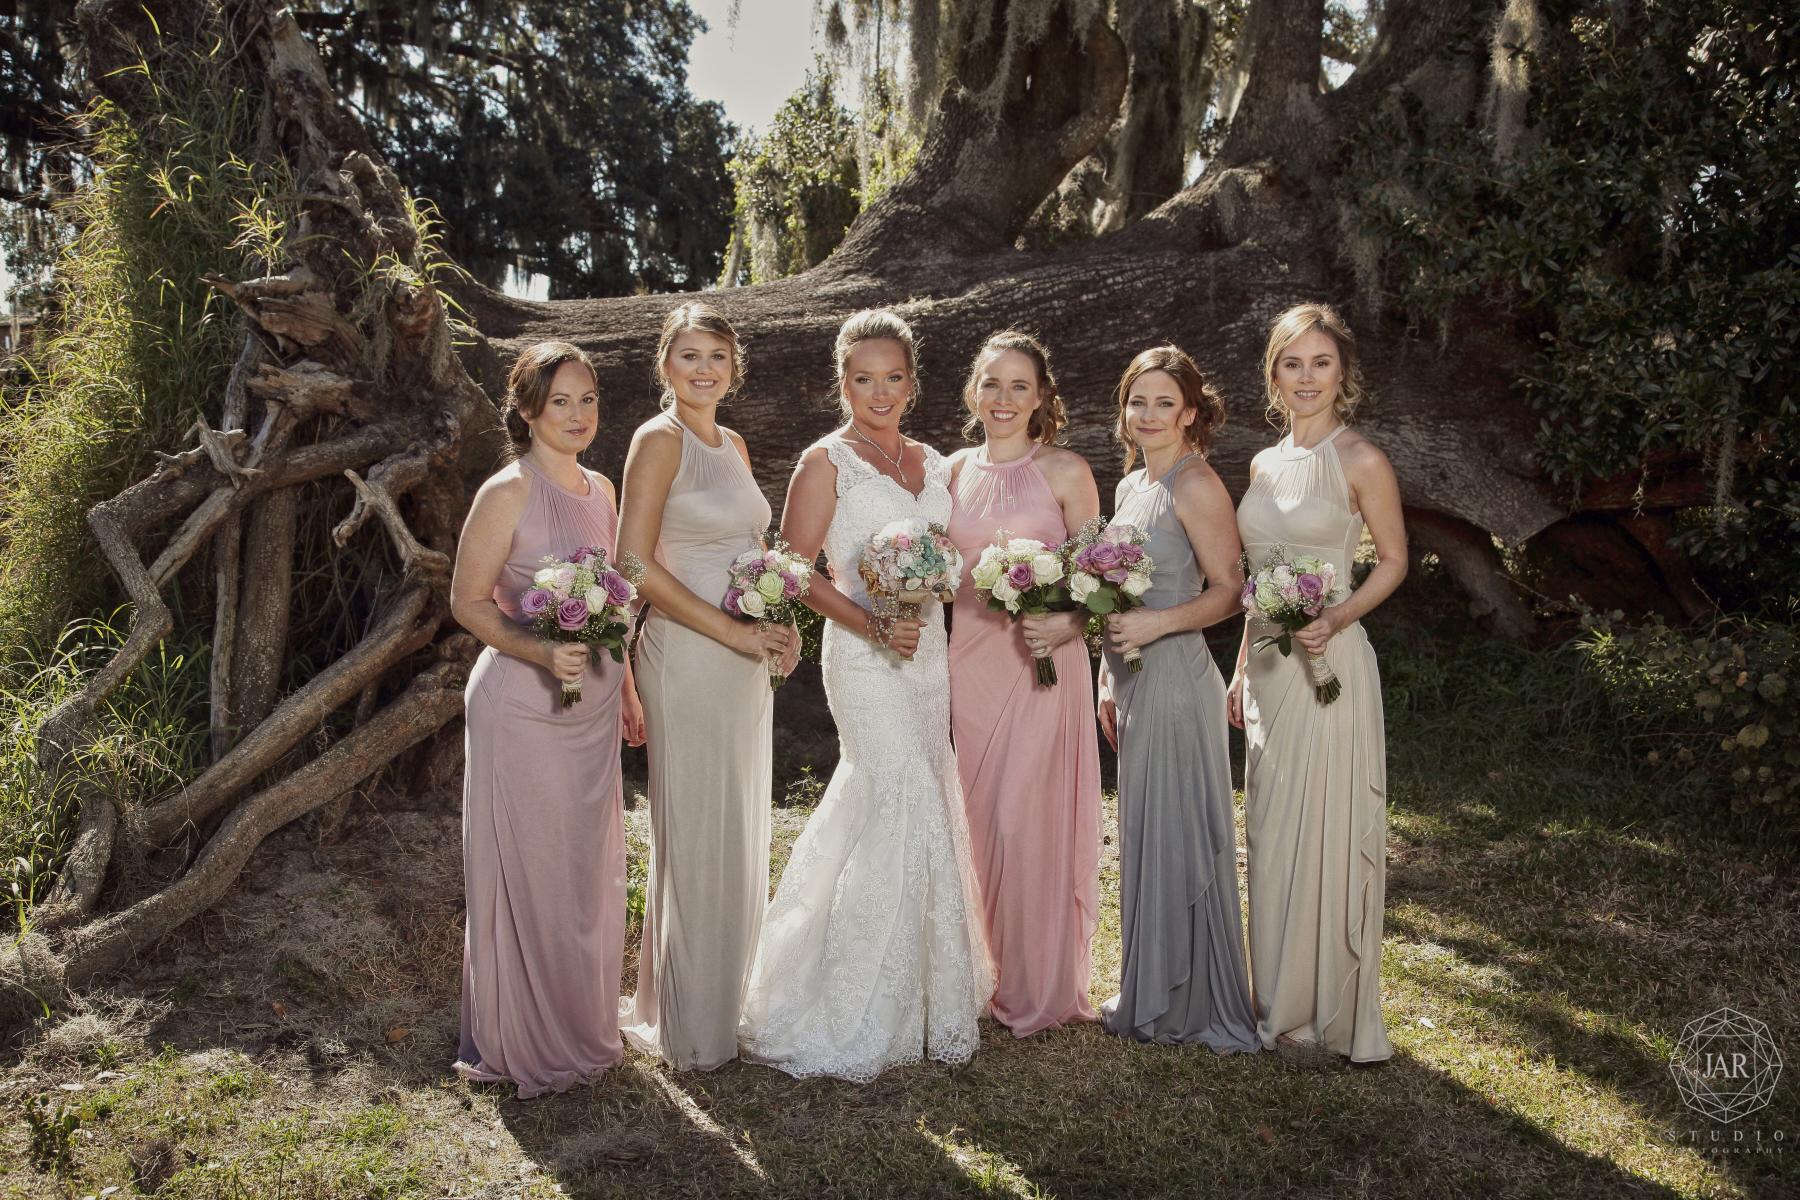 09-bridesmaids-tree-pink-flowers-wedding-jarstudio.JPG